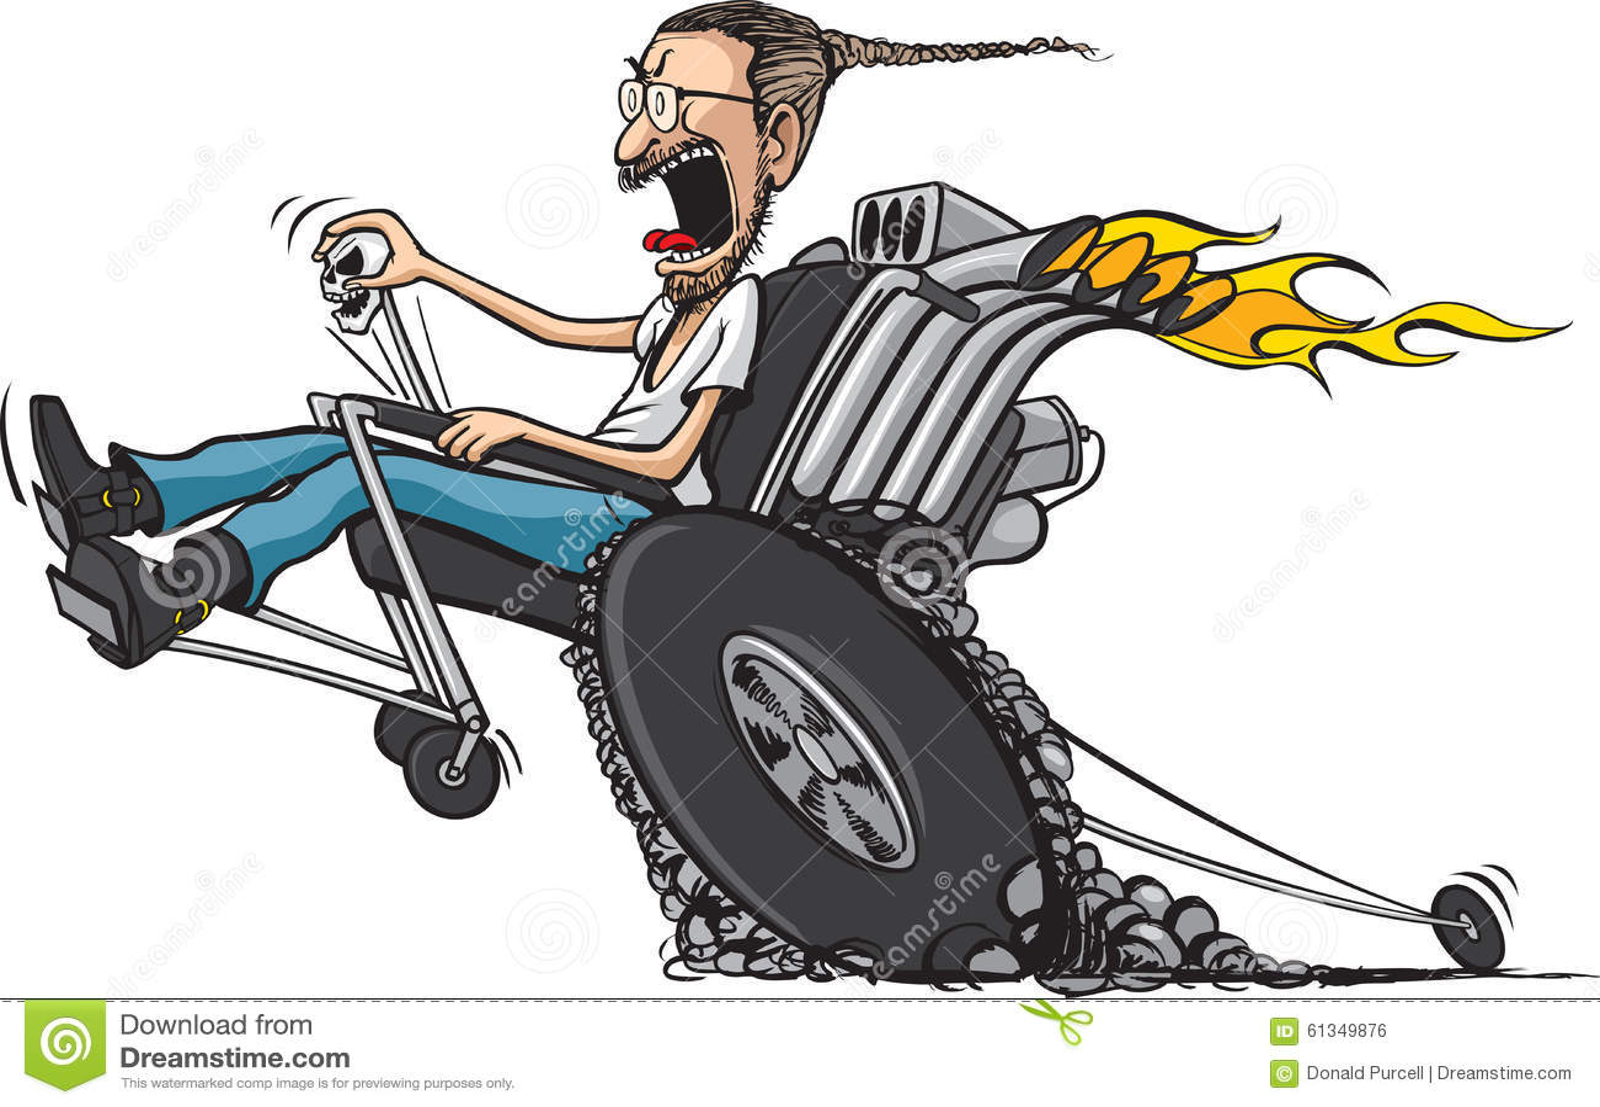 wheelie chair stock vector image 61349876 bulldog clipart free bulldog clipart free